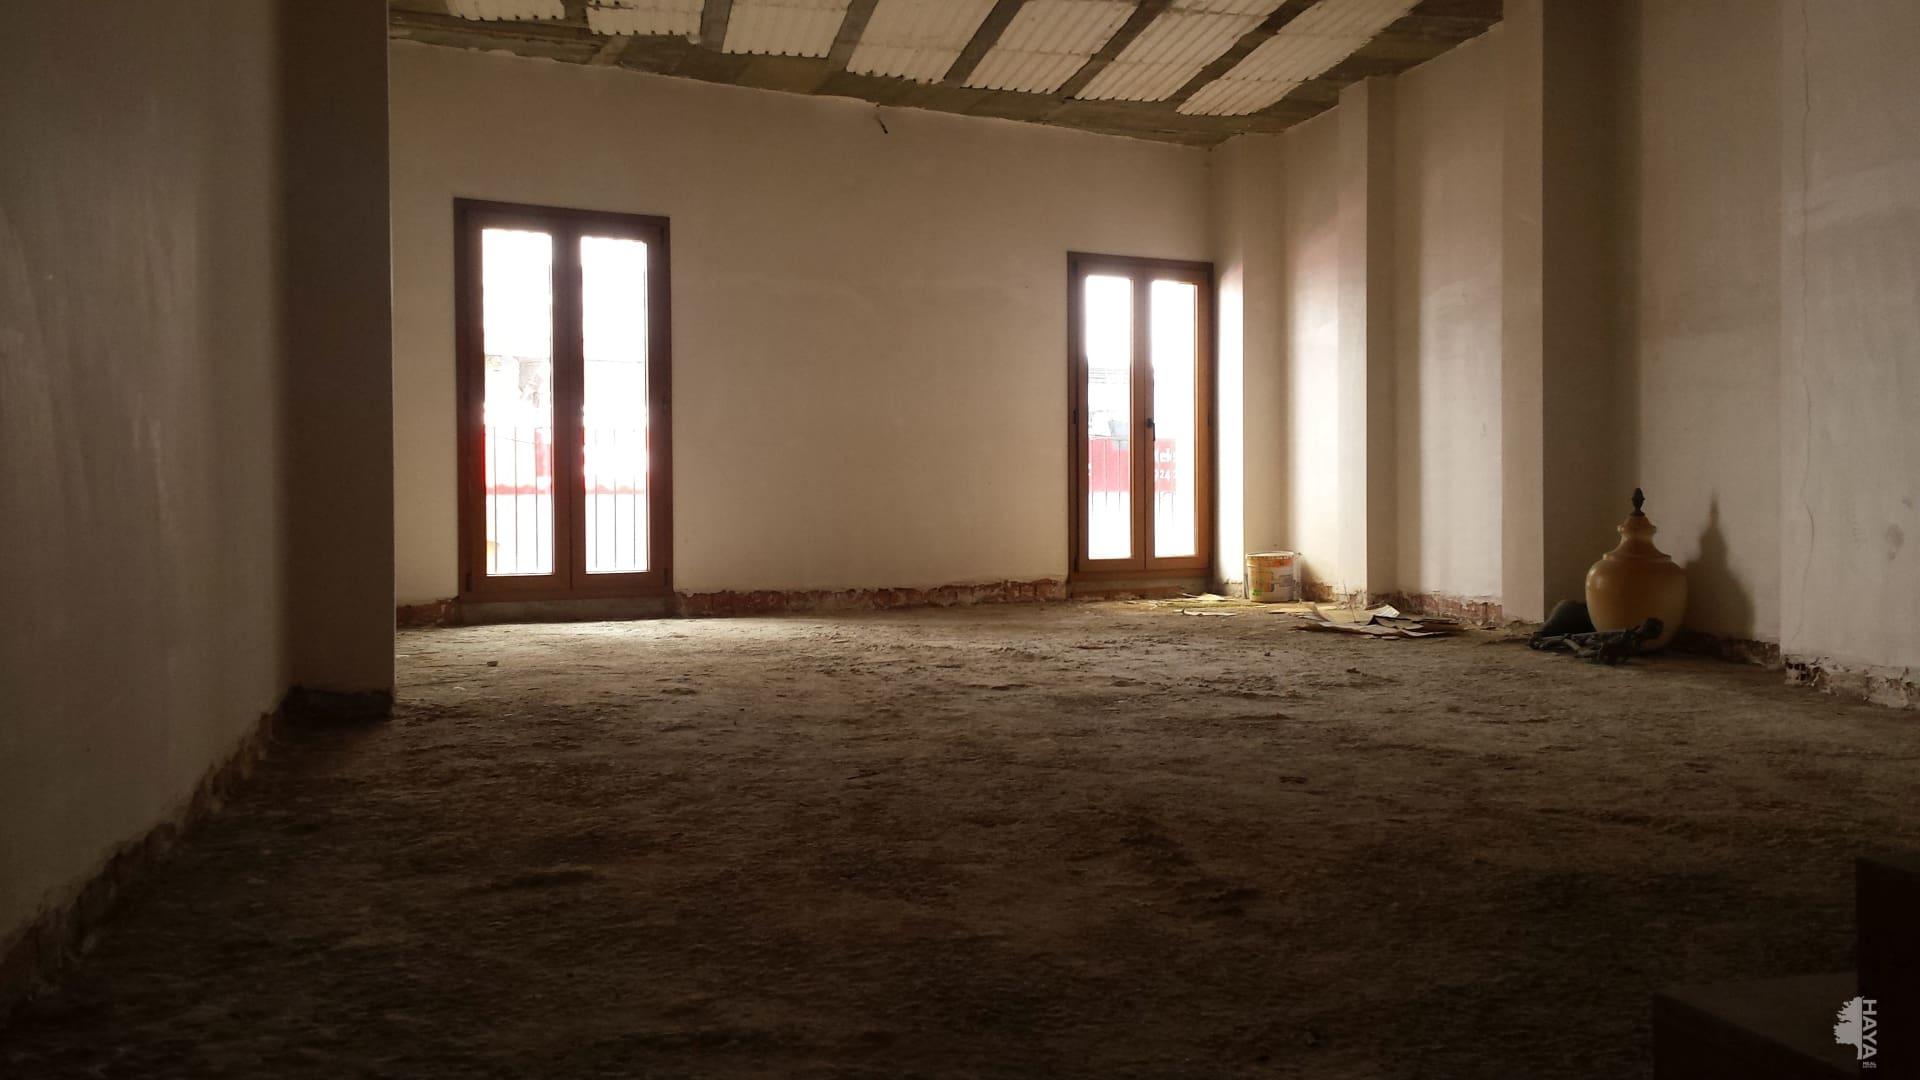 Local en venta en Mérida, Badajoz, Calle Puente, 230.300 €, 206 m2